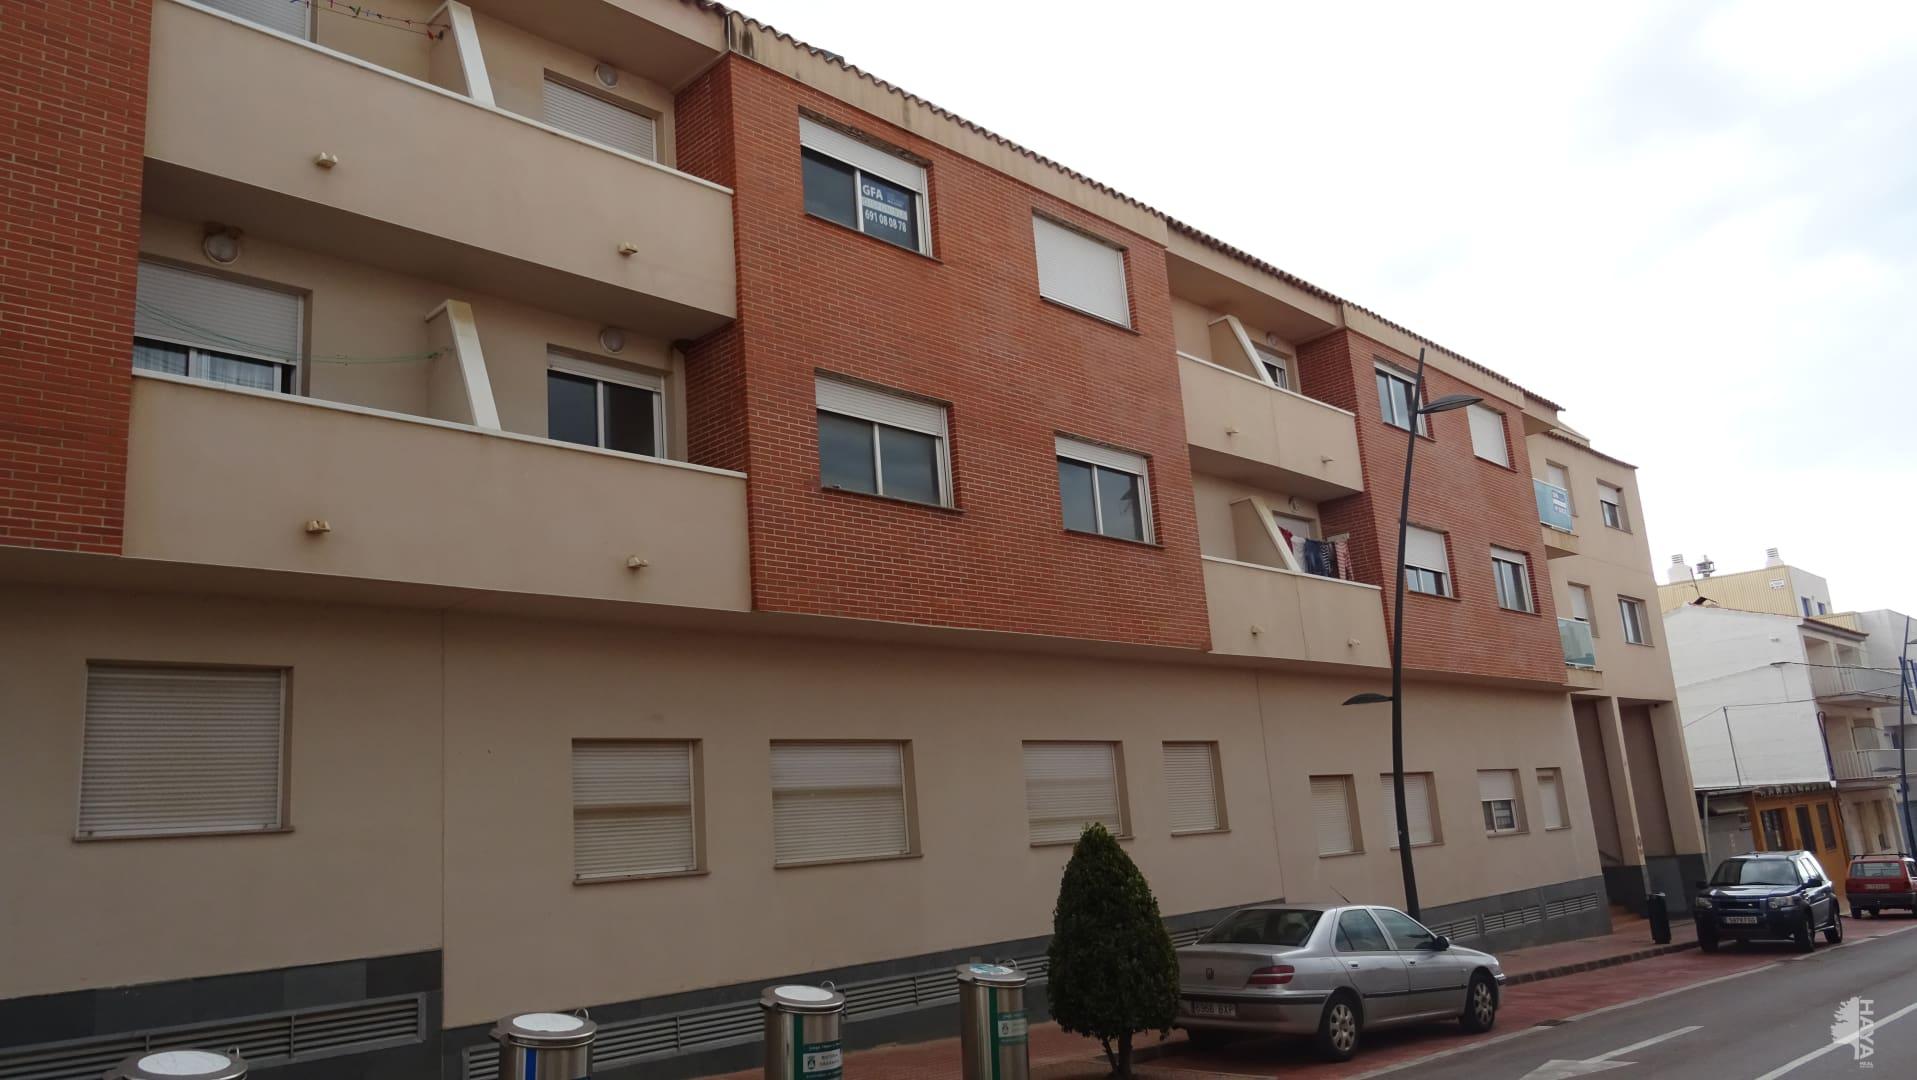 Piso en venta en Torreblanca, Castellón, Calle Colon, 63.000 €, 3 habitaciones, 2 baños, 96 m2